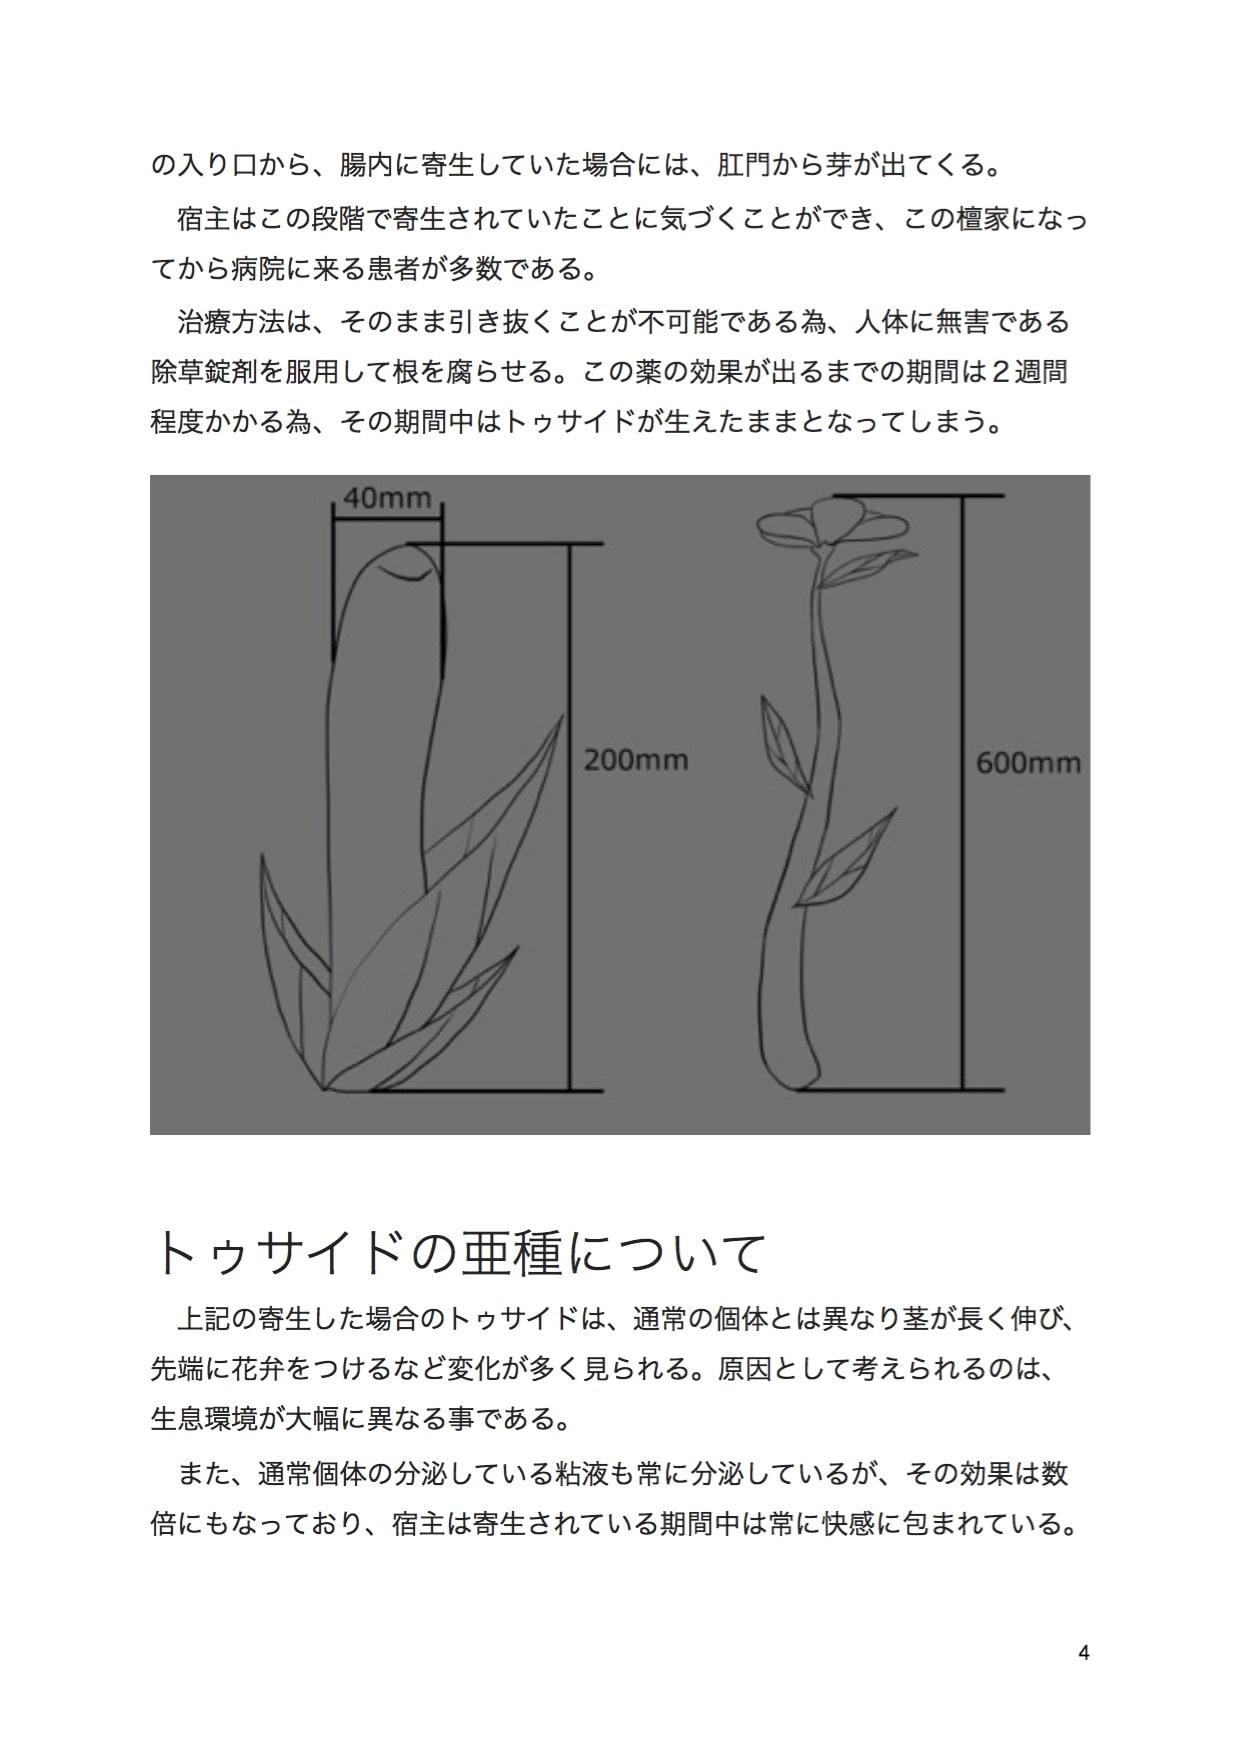 植物姦報告書 ver:2